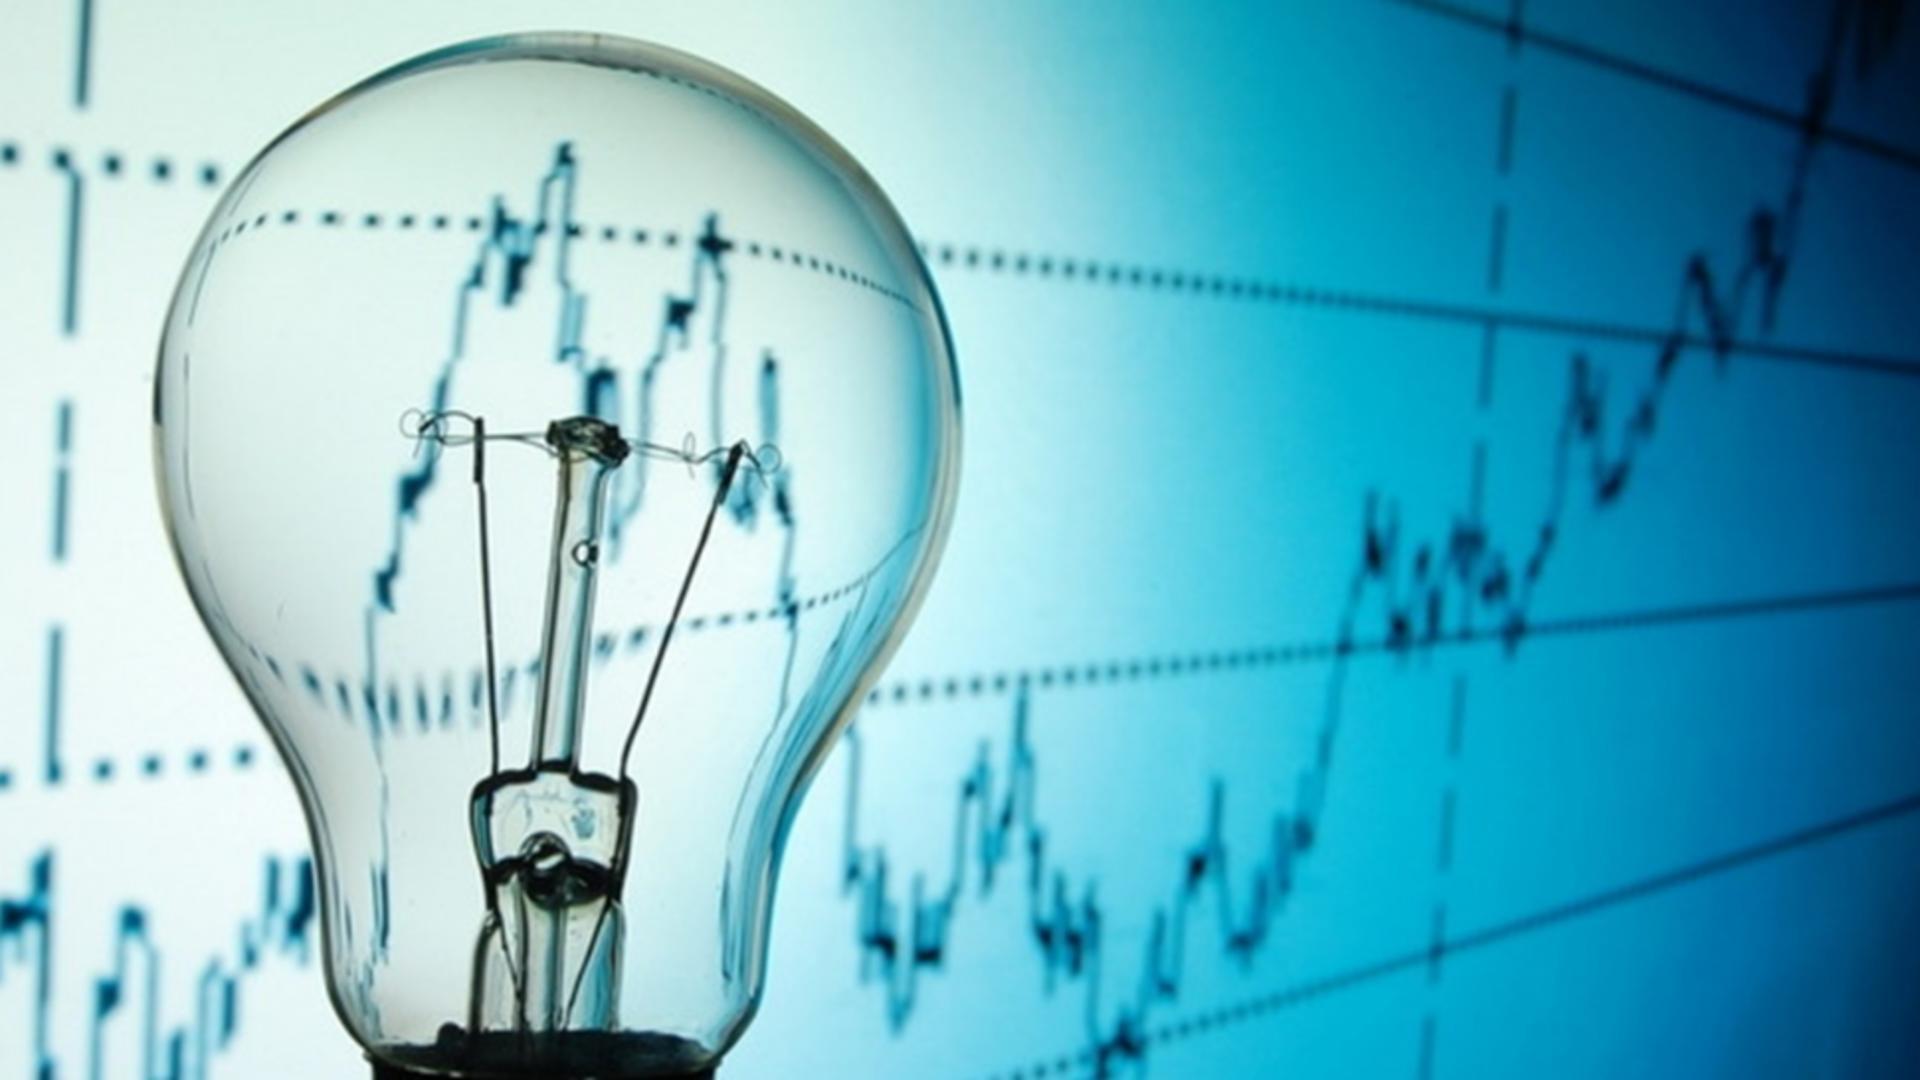 România a exportat cu peste 50% mai multă energie în primele 7 luni. Foto/Arhivă